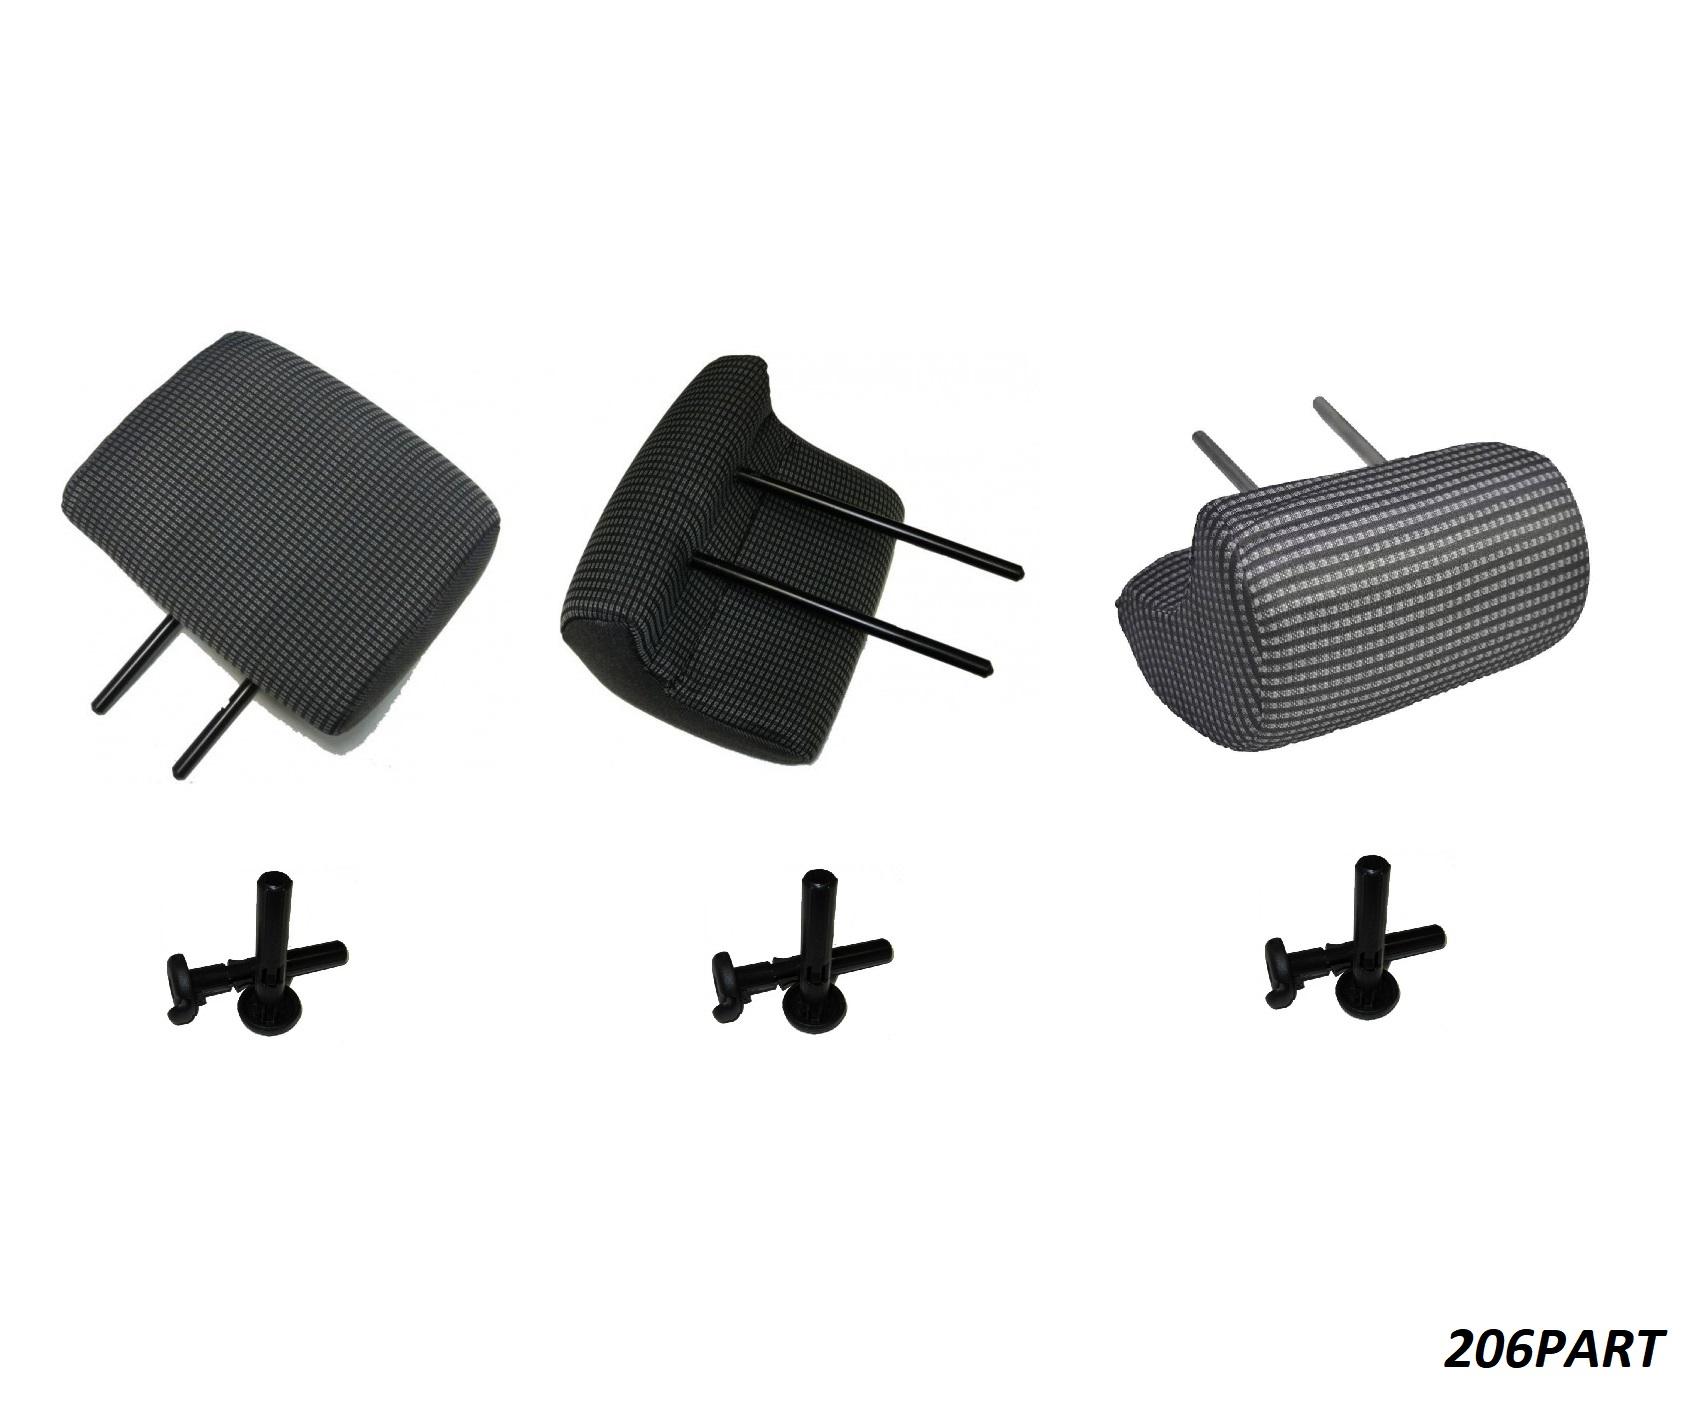 پشت سری صندلی عقب پژو 206 (ست کامل با لوازم) دست 3 عددی